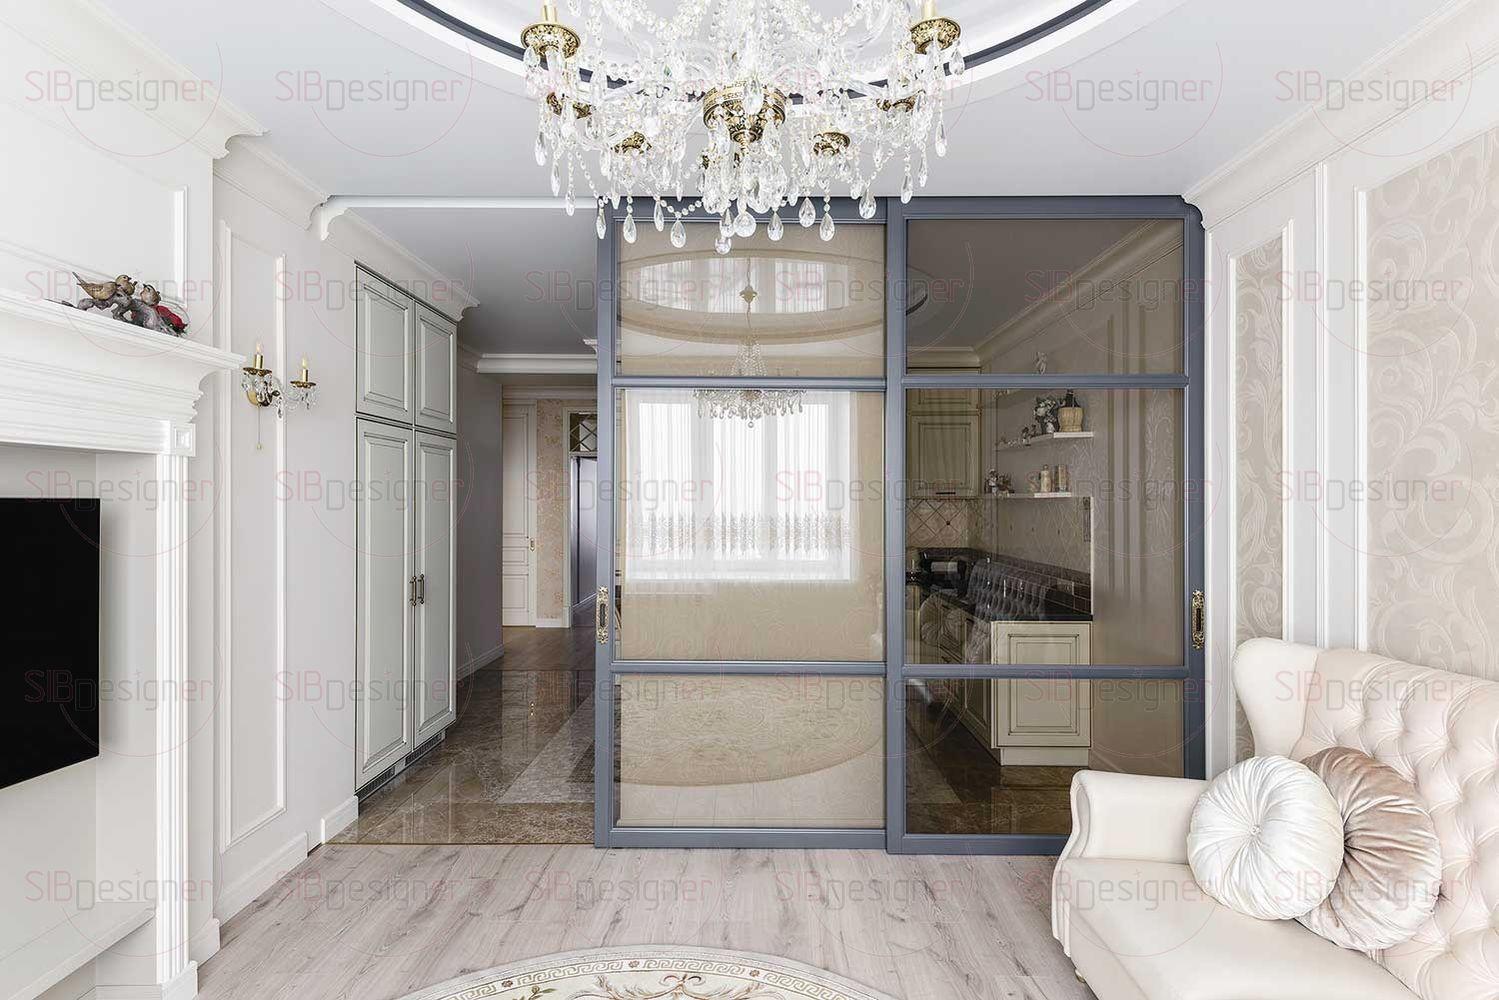 Одна большая комната поделена на зону кухни и гостиной. Их разделяет перегородка с панелями из матового стекла.